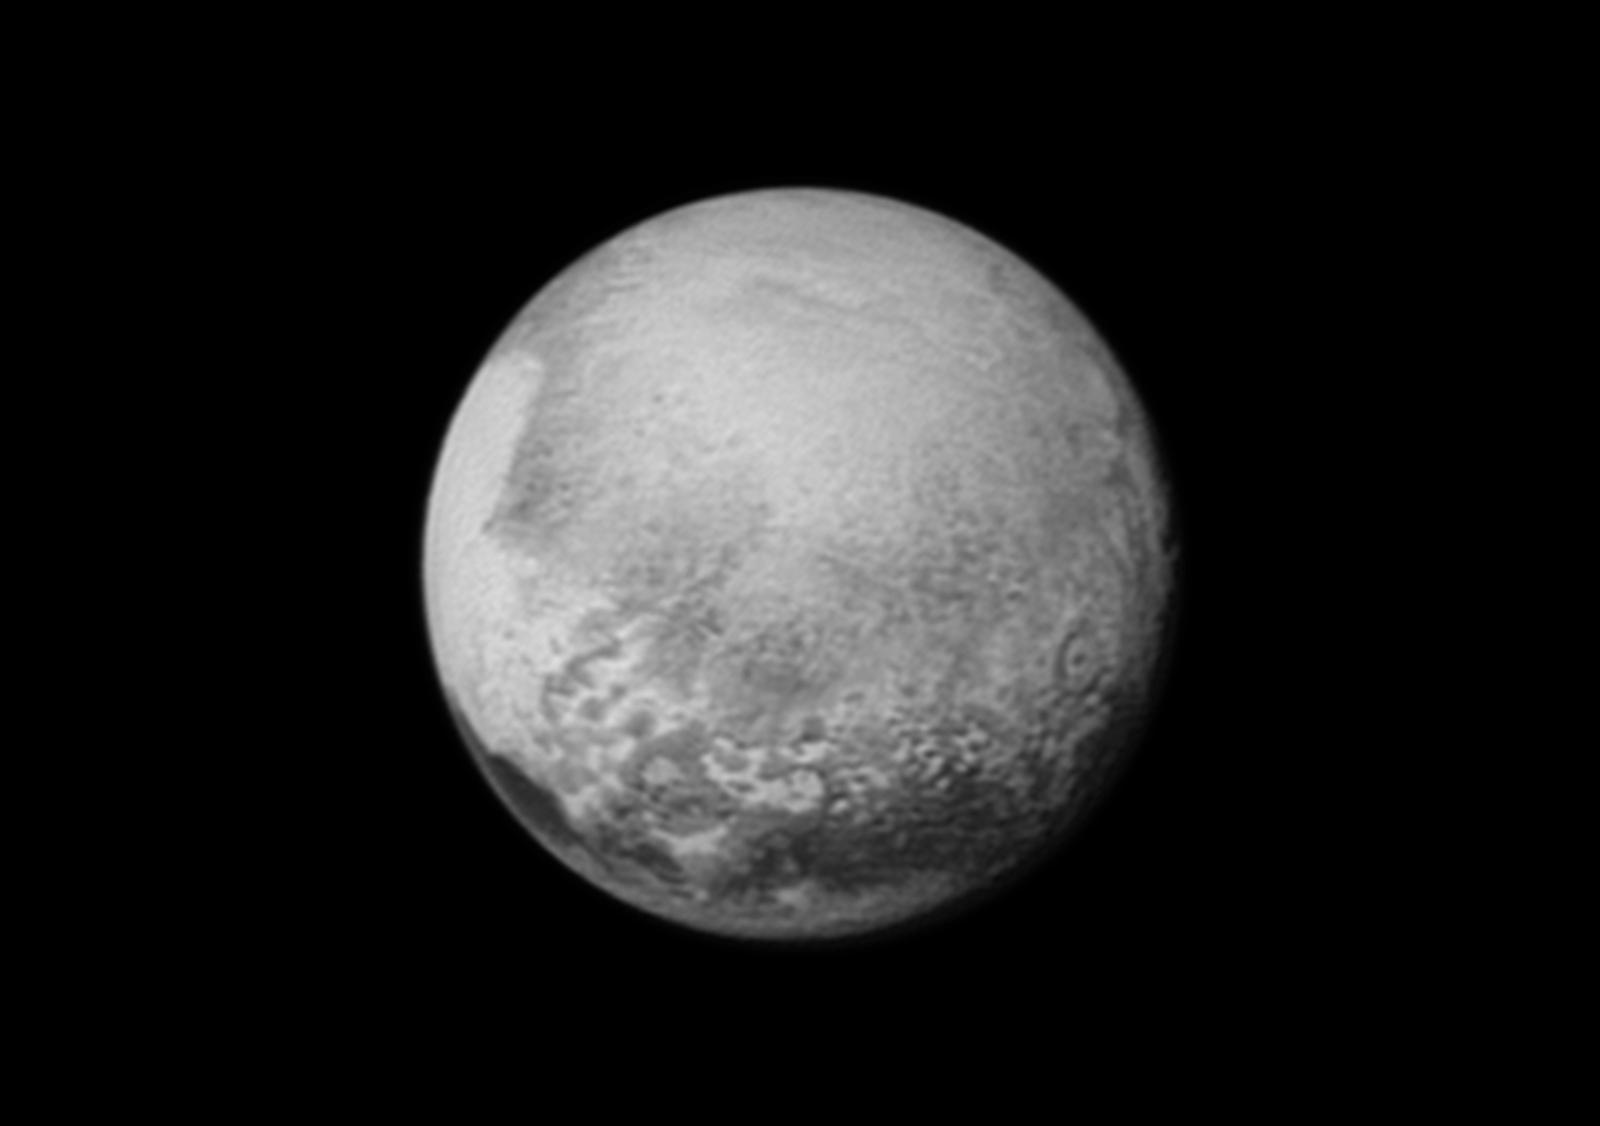 Pluton – moč nad močjo • Planeti • Sensa.si